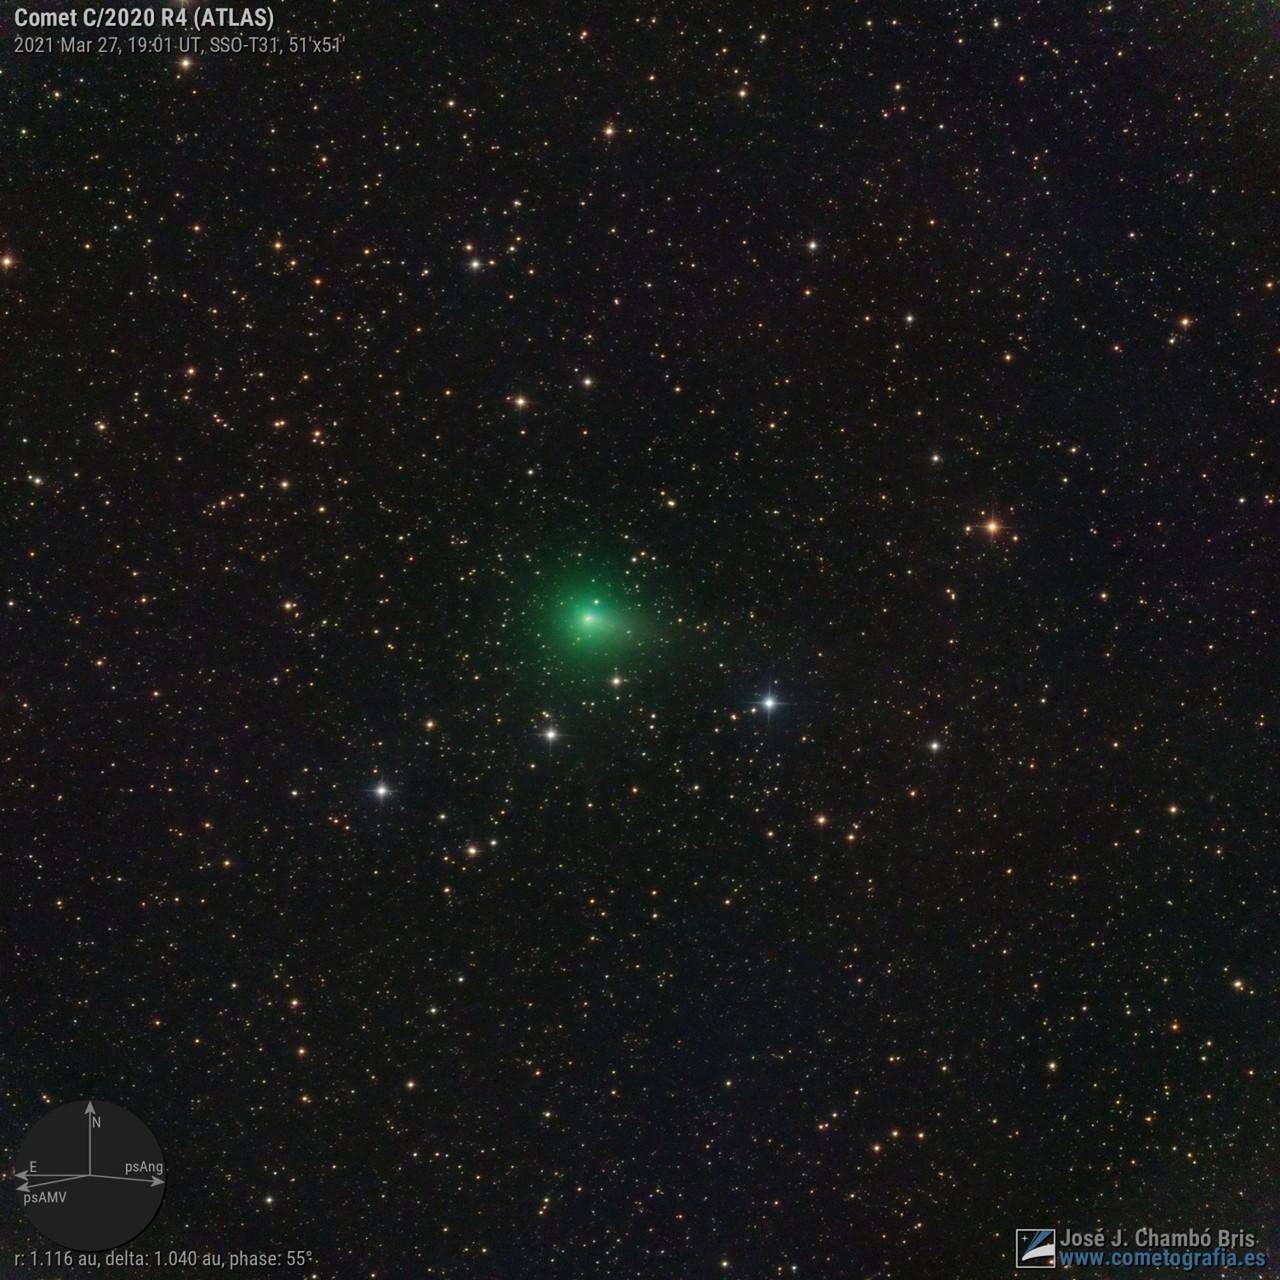 Comet C/2020 R4 ATLAS